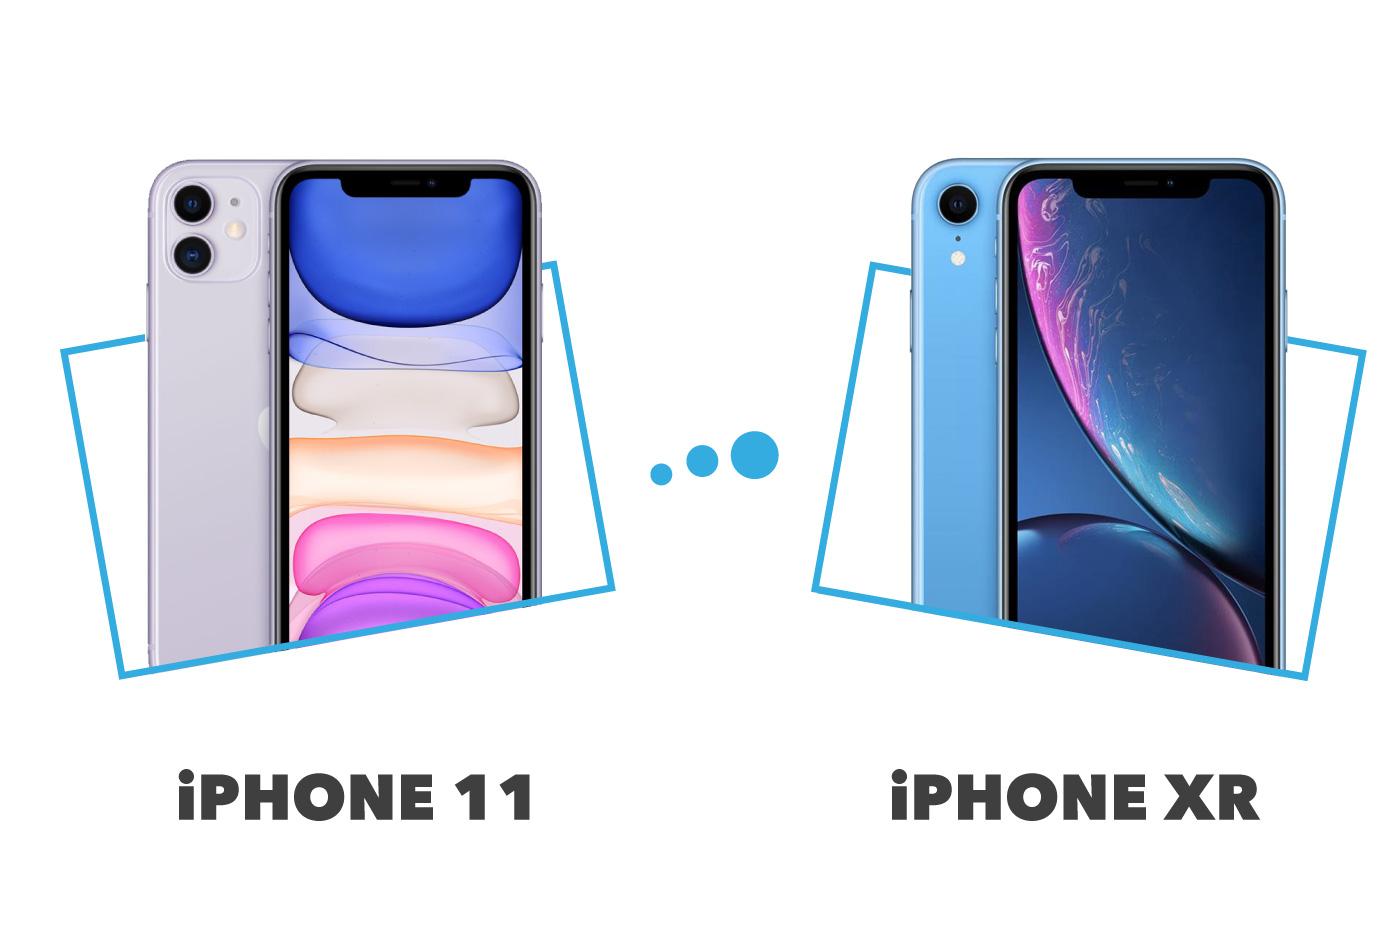 comparatif iPhone 11 versus iPhone XR